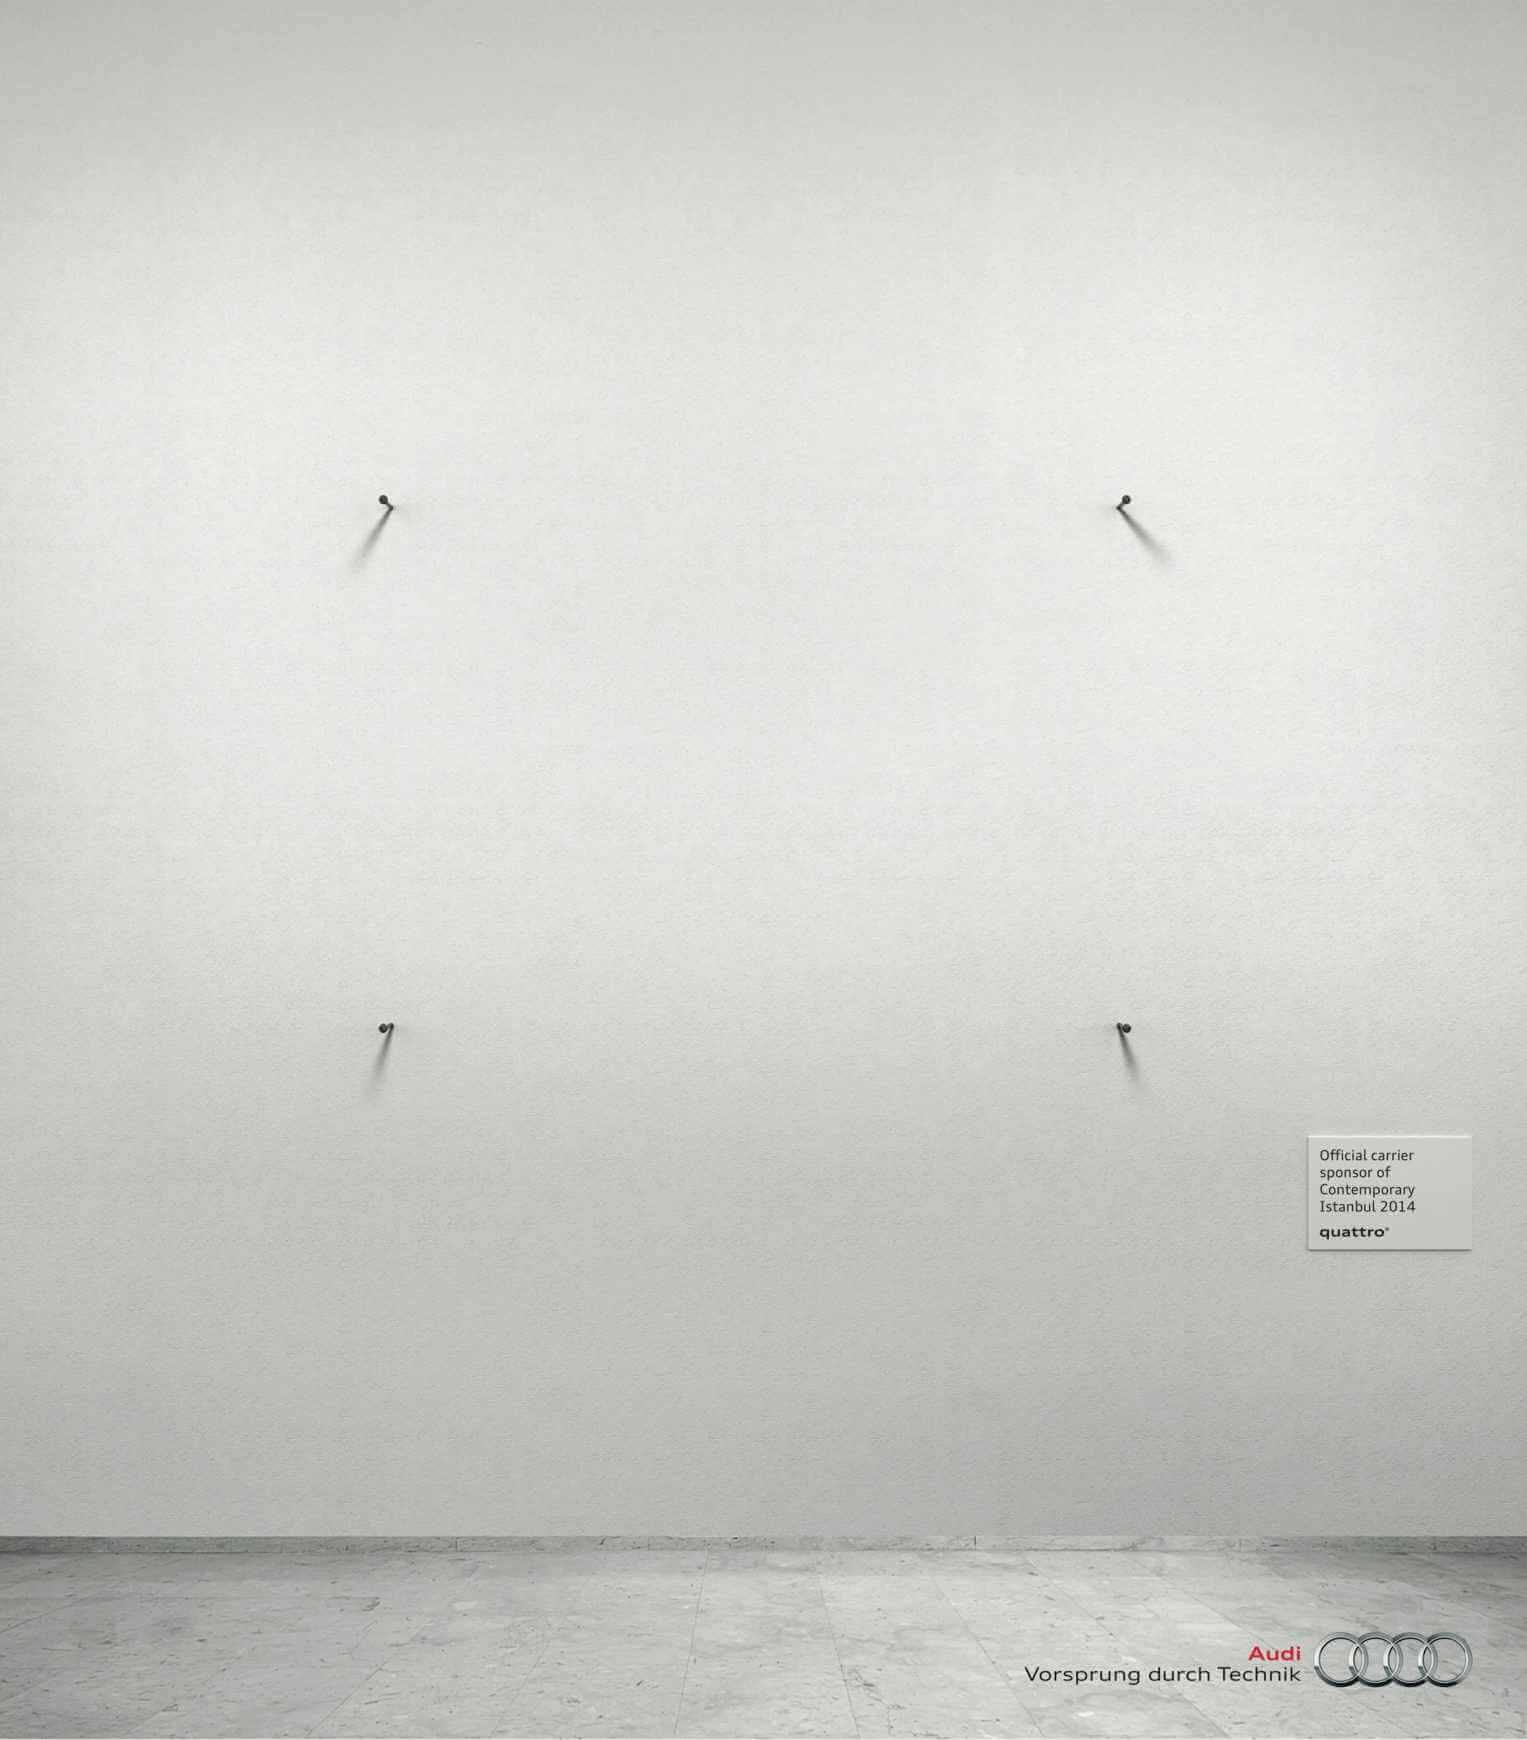 #CuandoLaPublicidad: Es minimalista.